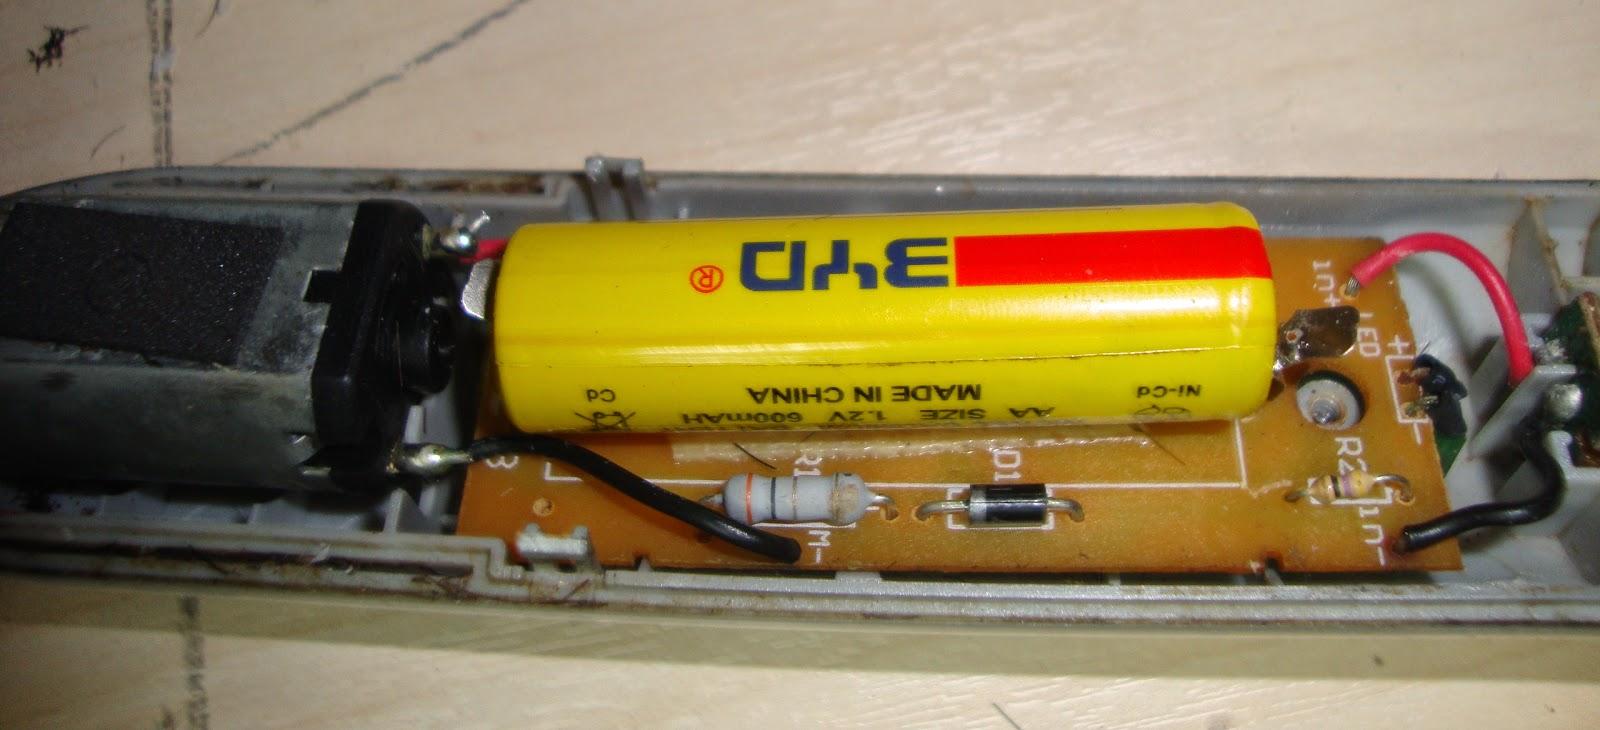 Αντικατάσταση μπαταρίας επαναφορτιζόμενης συσκευής